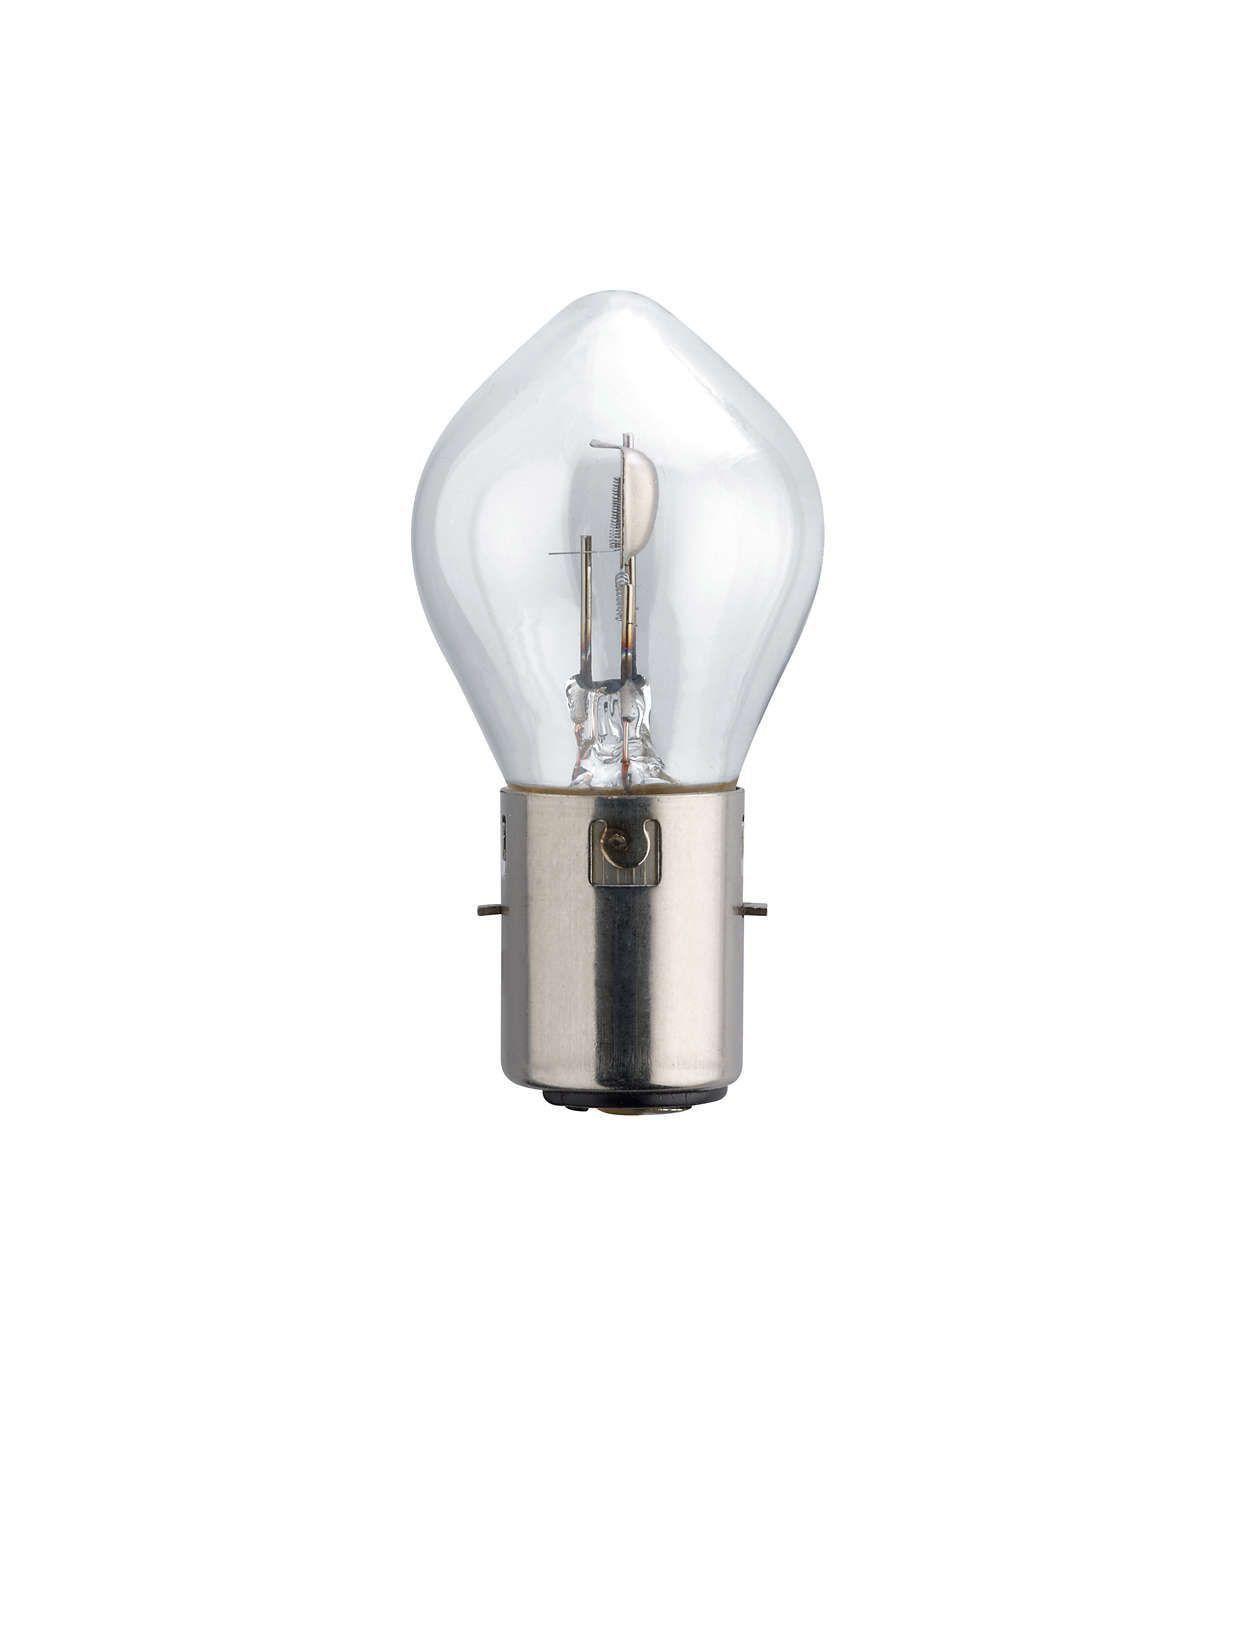 Lampada Farol Philips S2 12V 35/35W Standard Ba20D (12728C1)